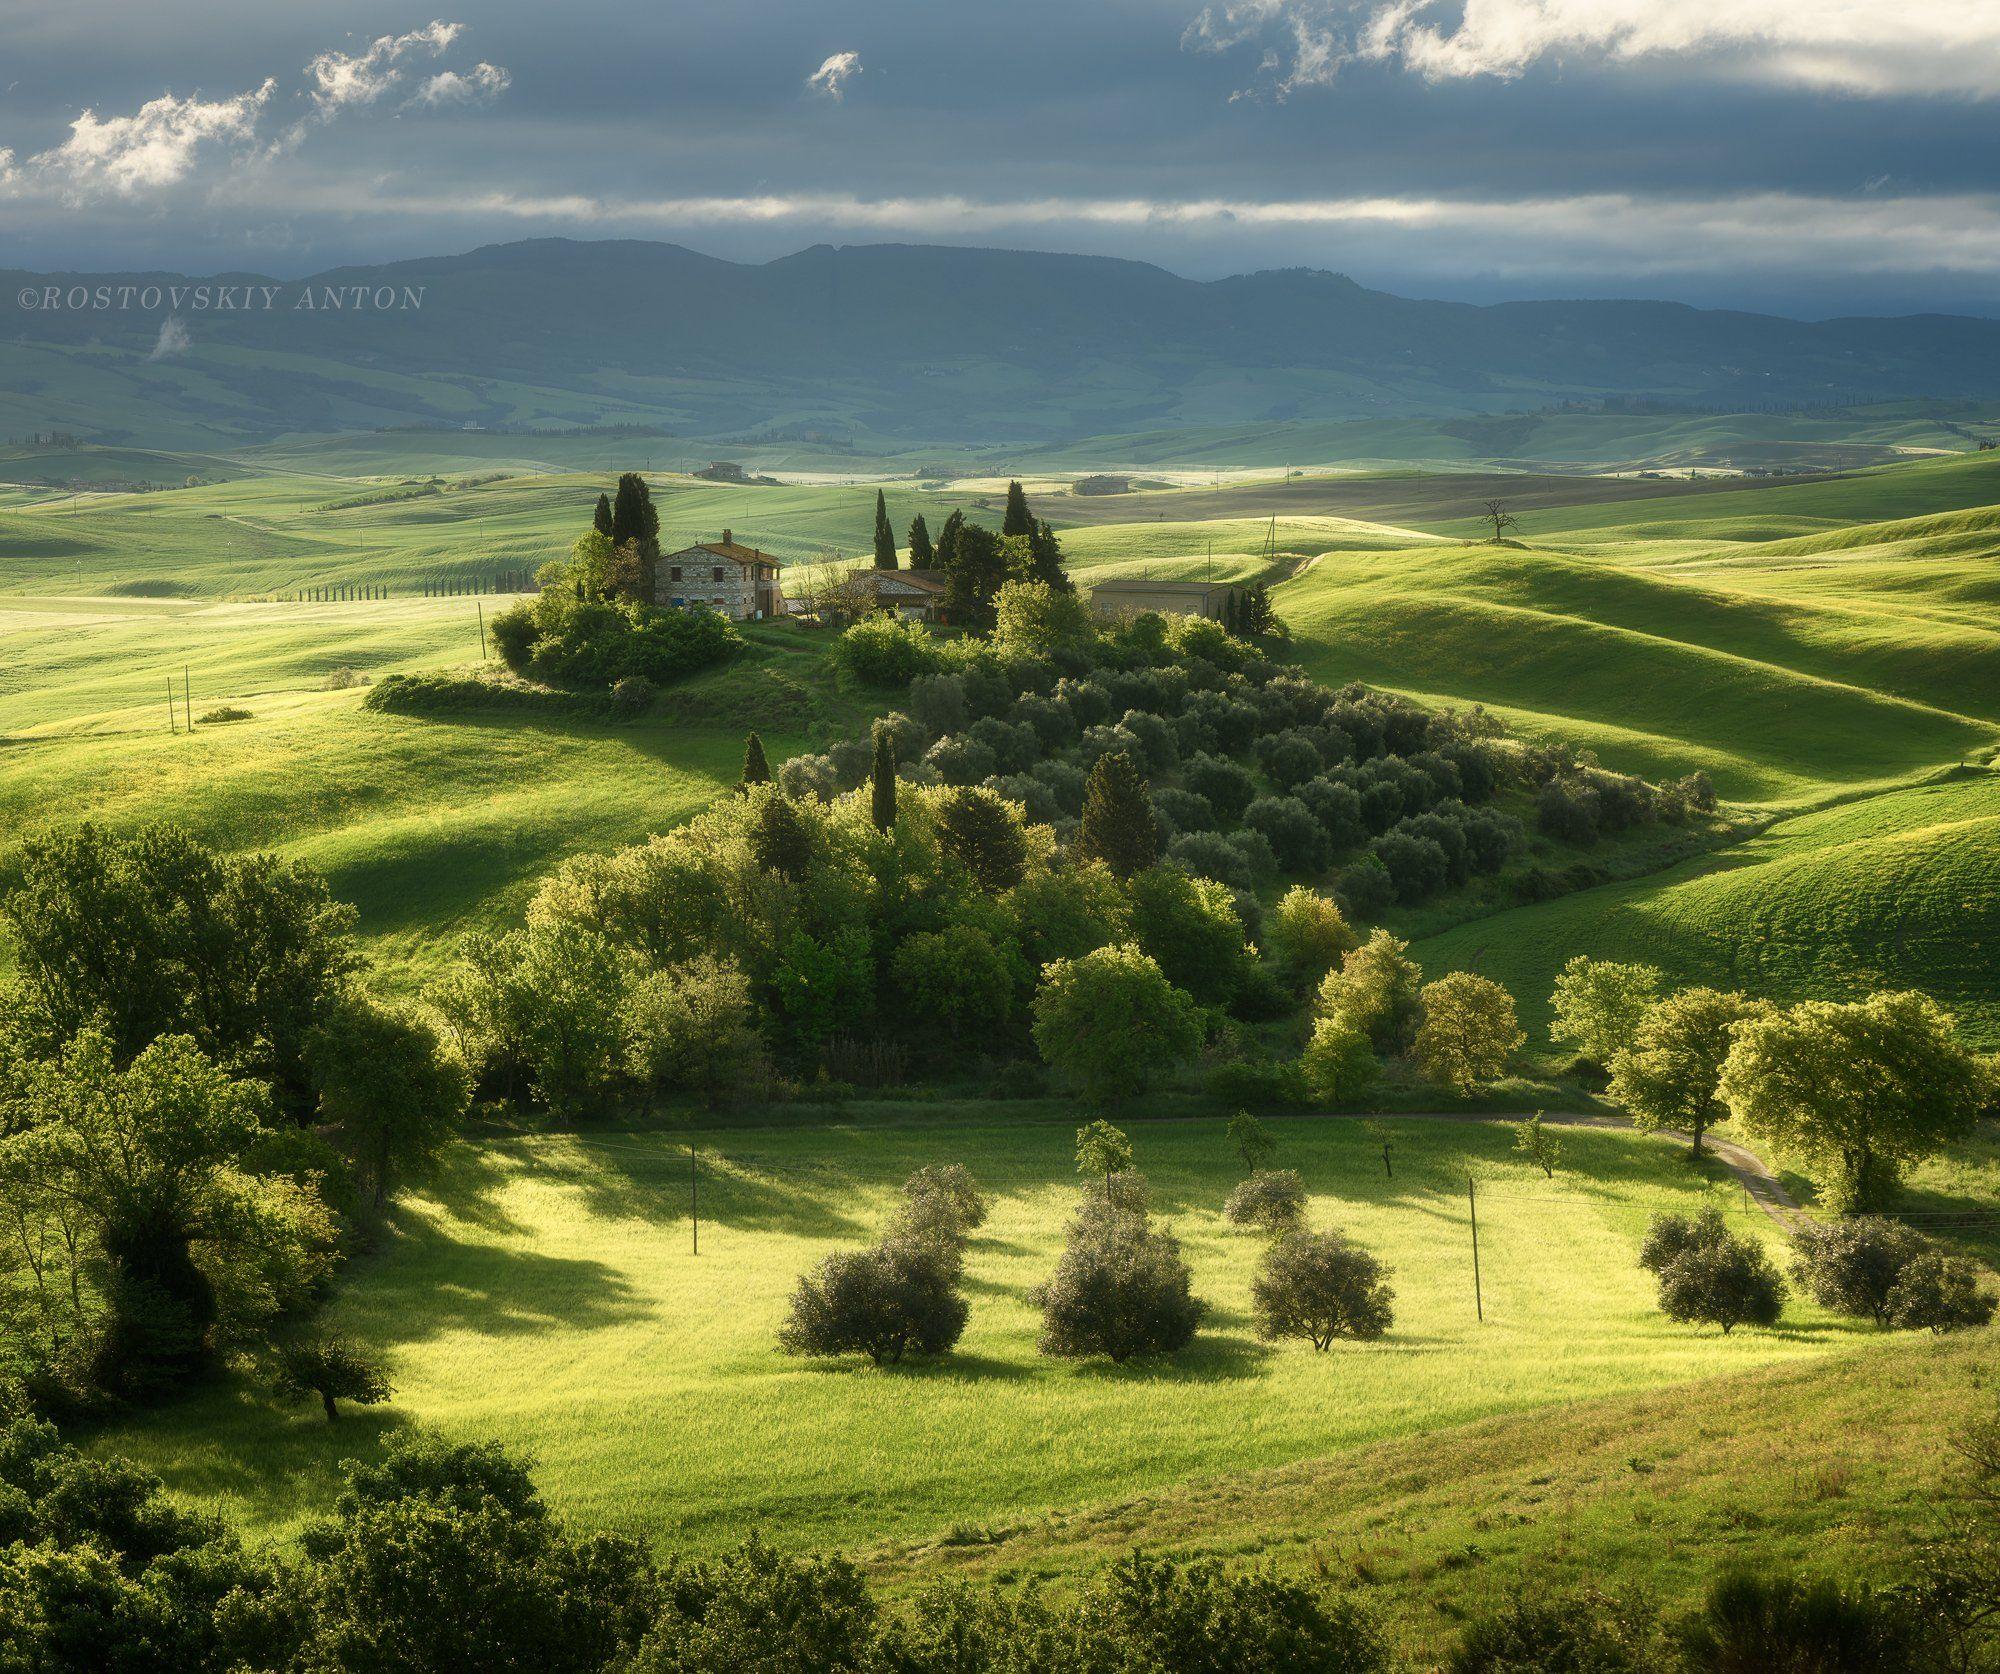 tuscany, morning, sunrise, фототур, Тоскана, Италия, утро,, Ростовский Антон